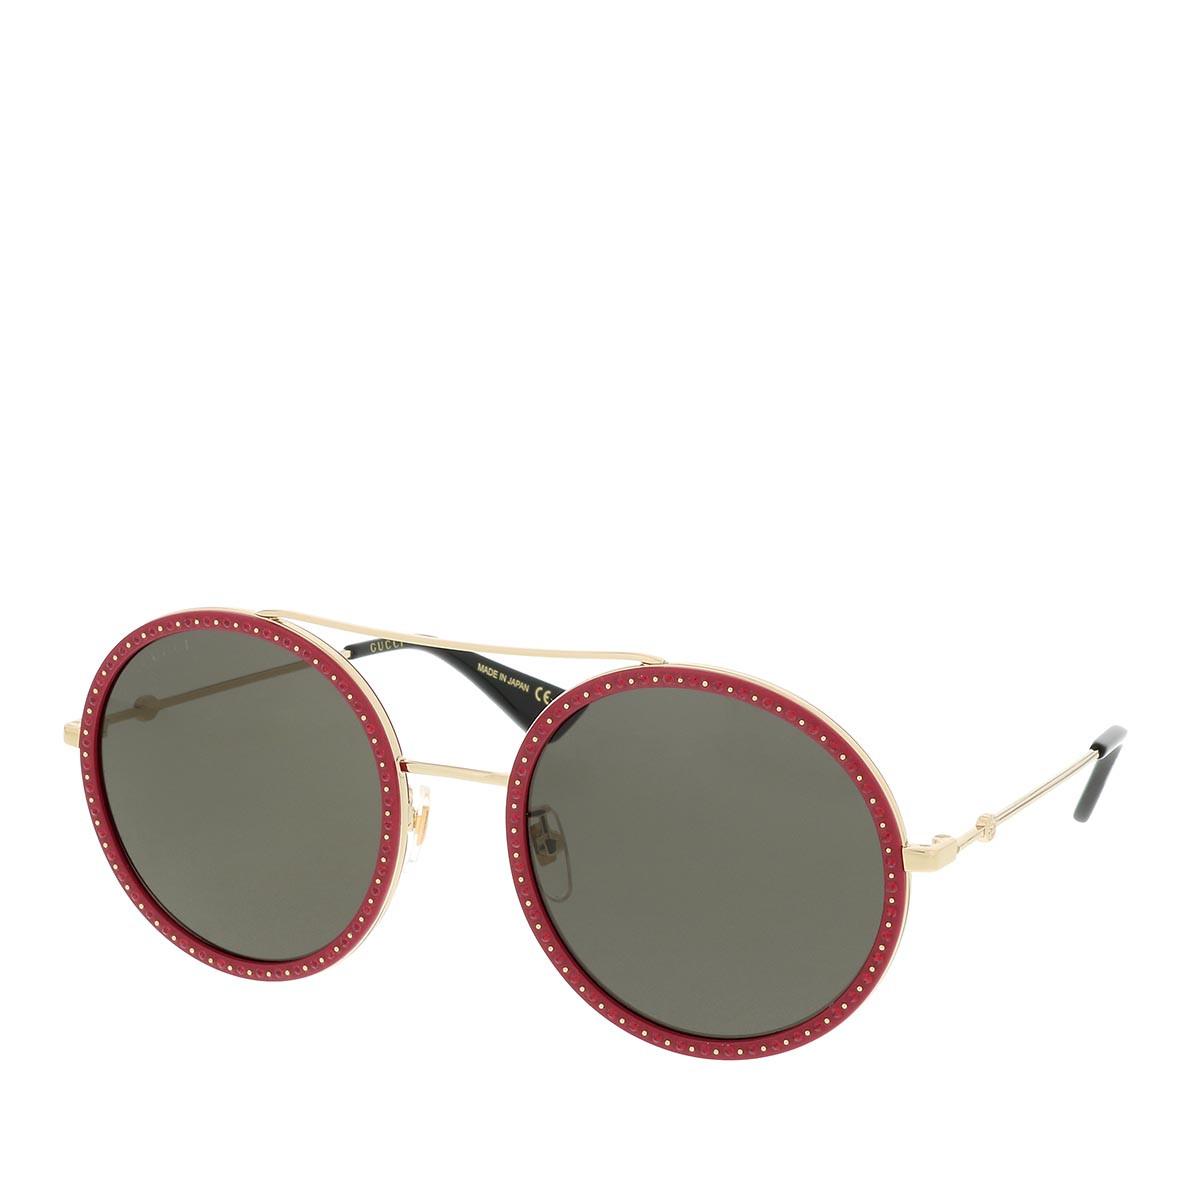 Gucci Sonnenbrille - GG0061S 56 018 - in rot - für Damen